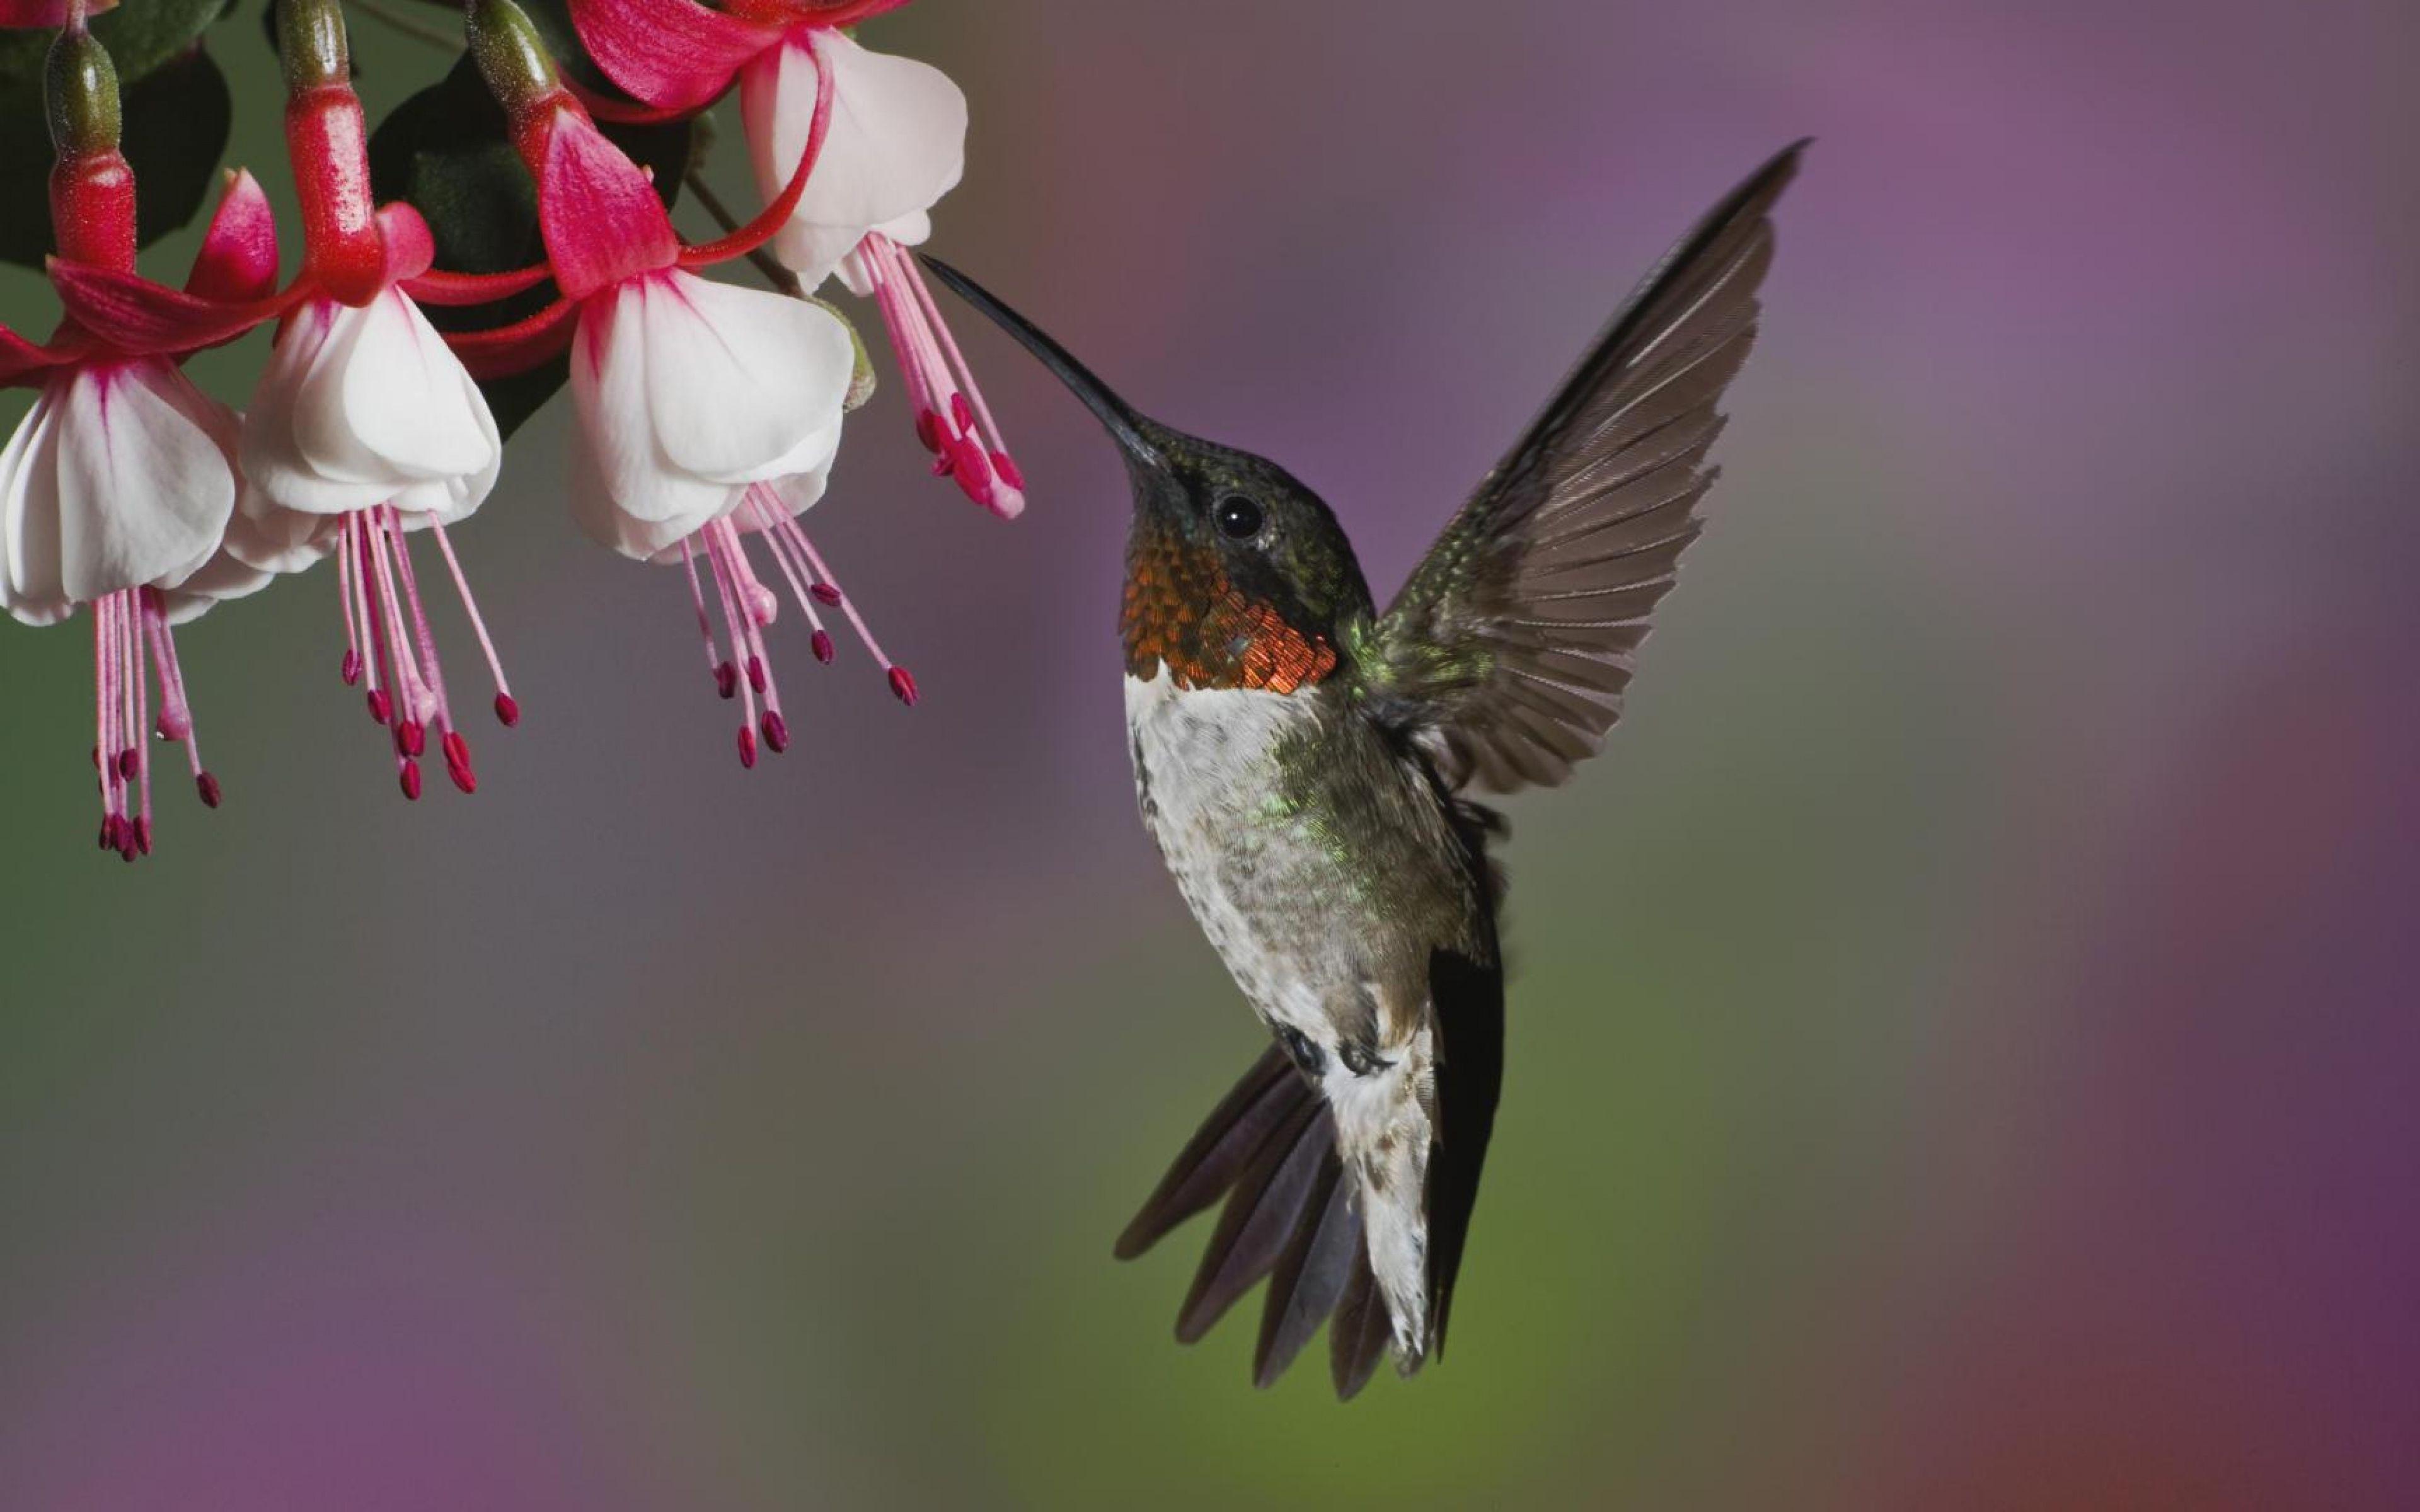 ultra hd wallpaper, flower 4k    , bird, flying, beak, flower